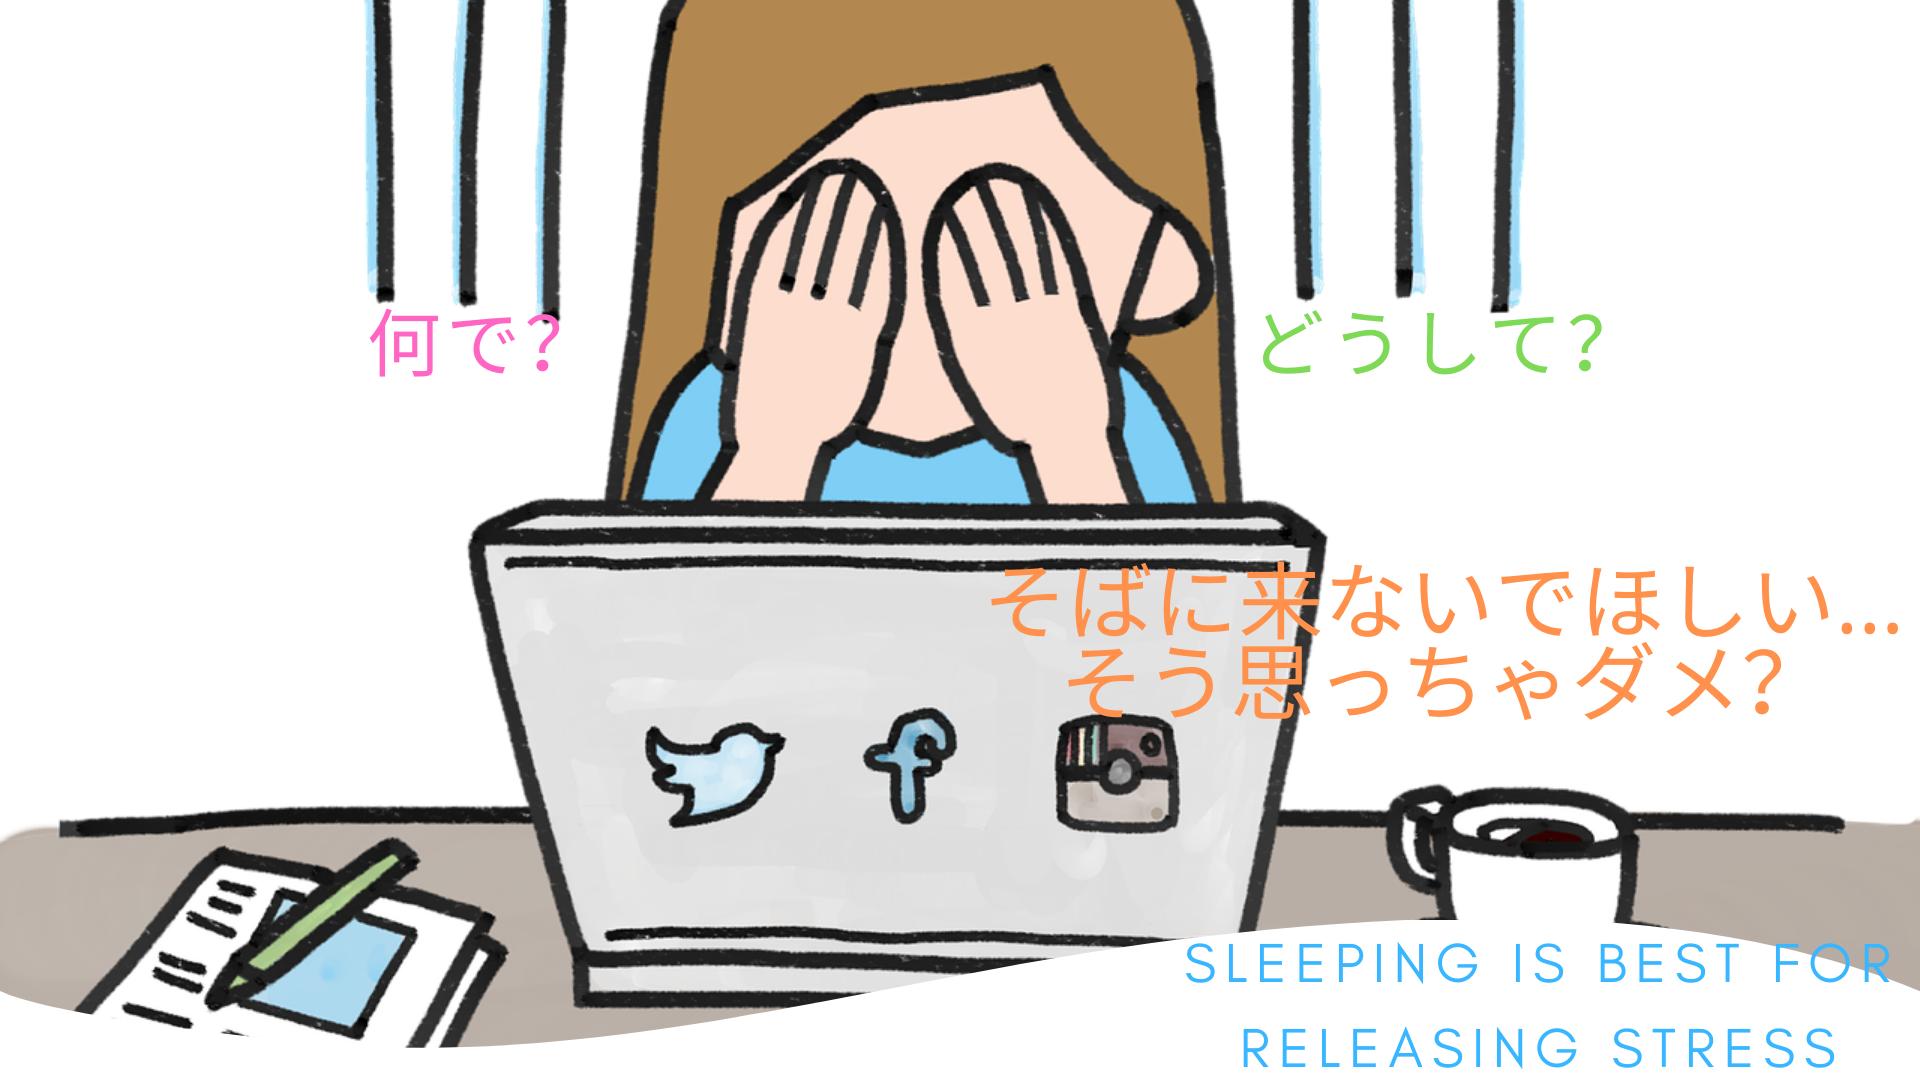 マジうざい…疲れる。|テンション高い人の心理と対処法